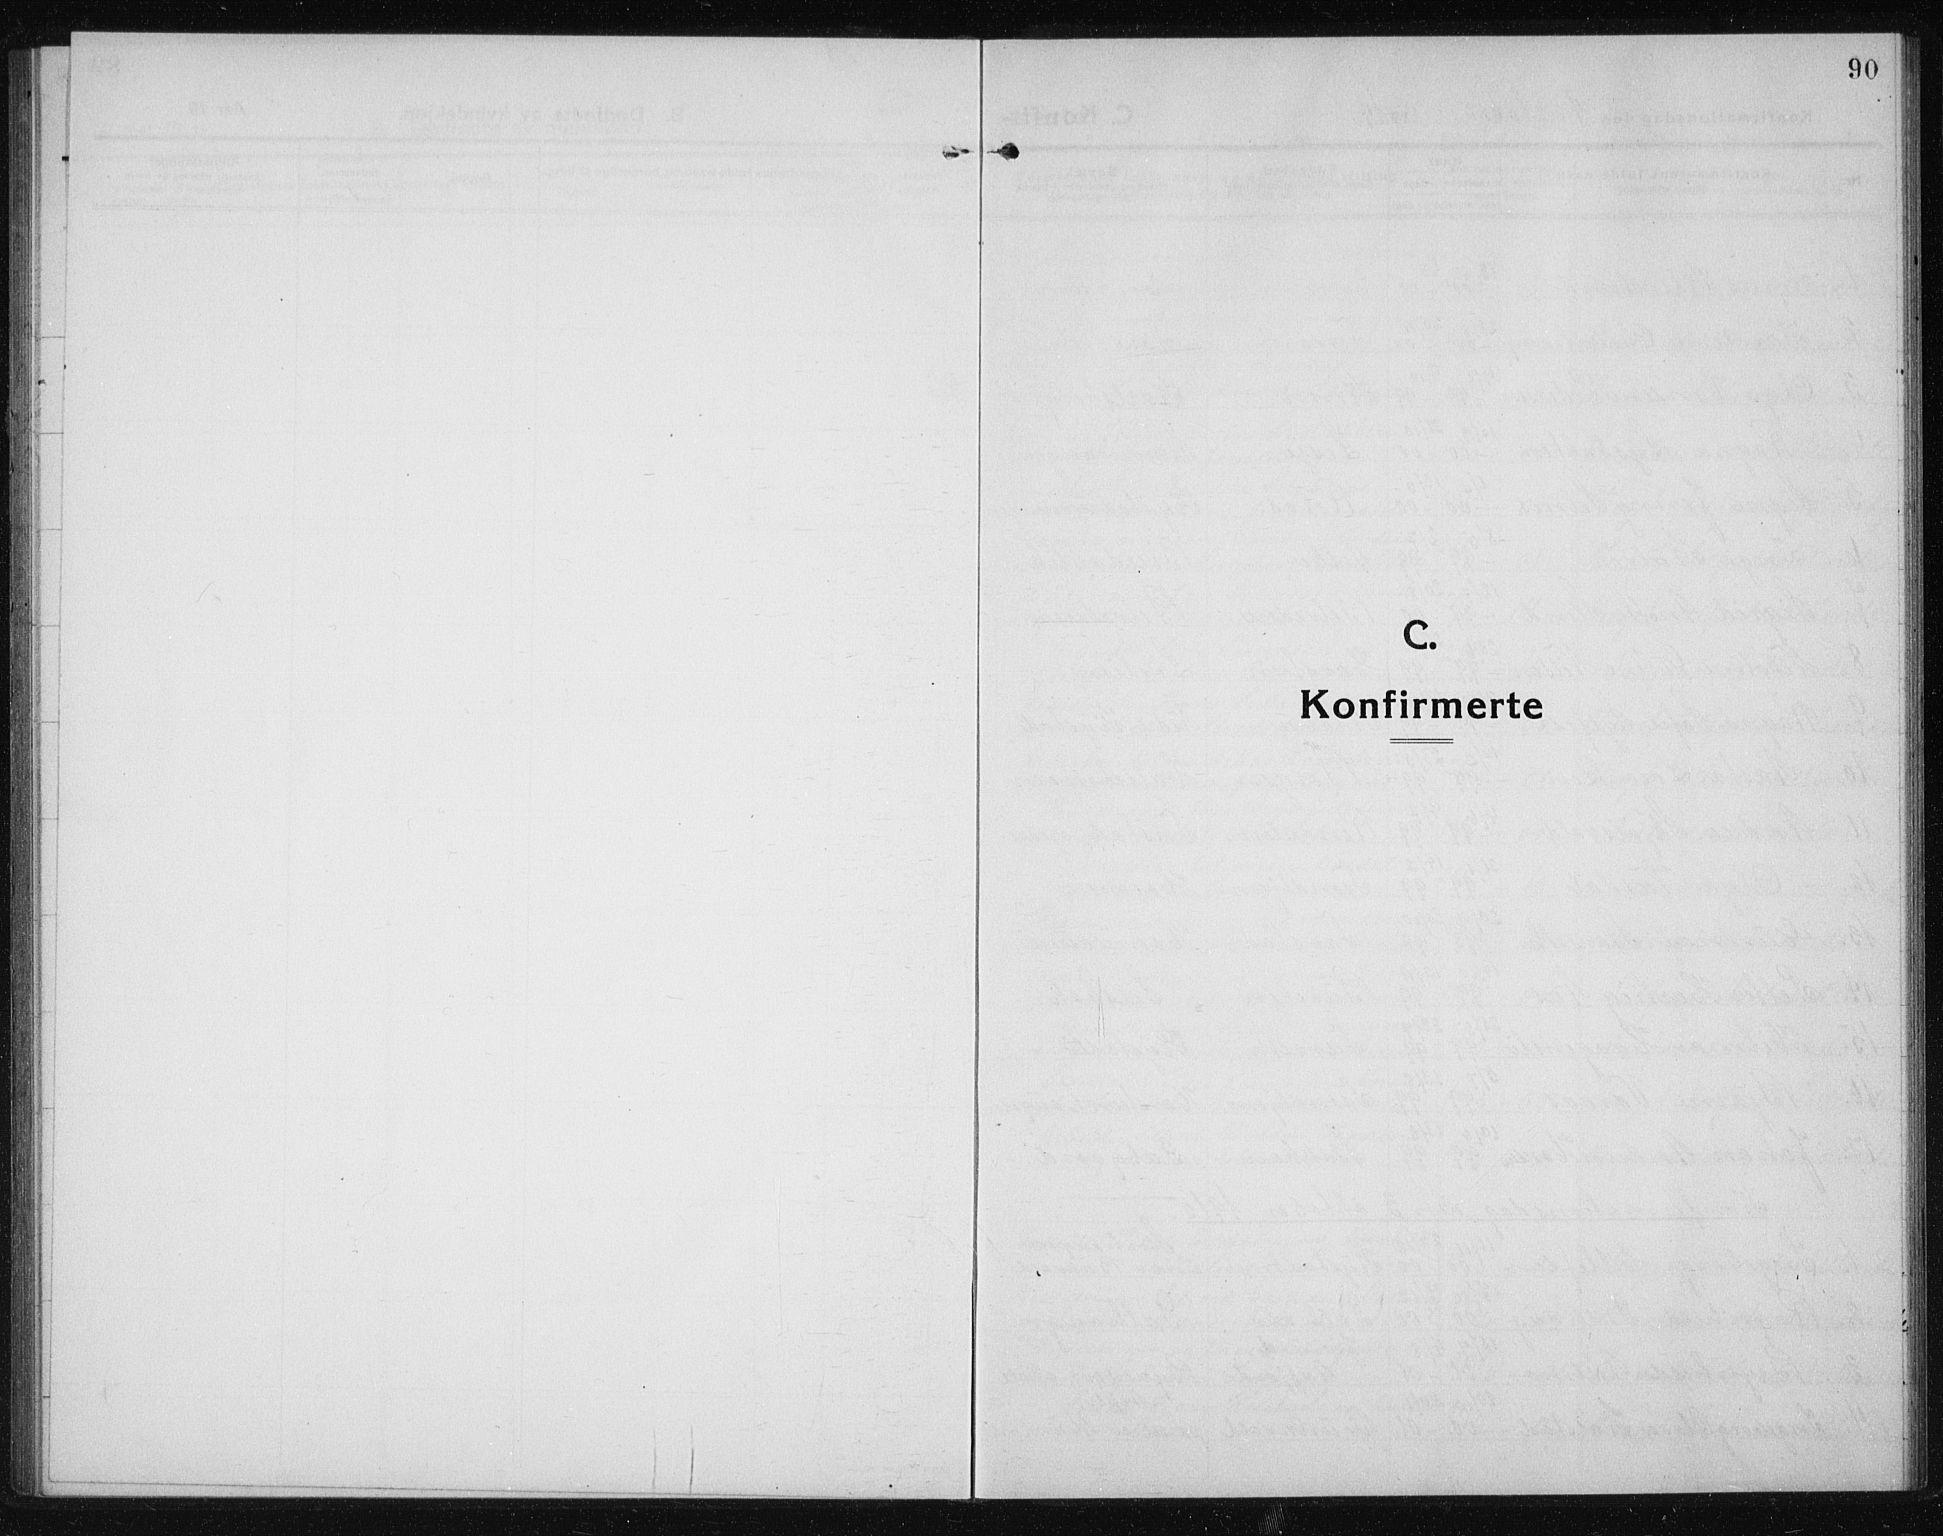 SAT, Ministerialprotokoller, klokkerbøker og fødselsregistre - Sør-Trøndelag, 611/L0356: Klokkerbok nr. 611C04, 1914-1938, s. 90